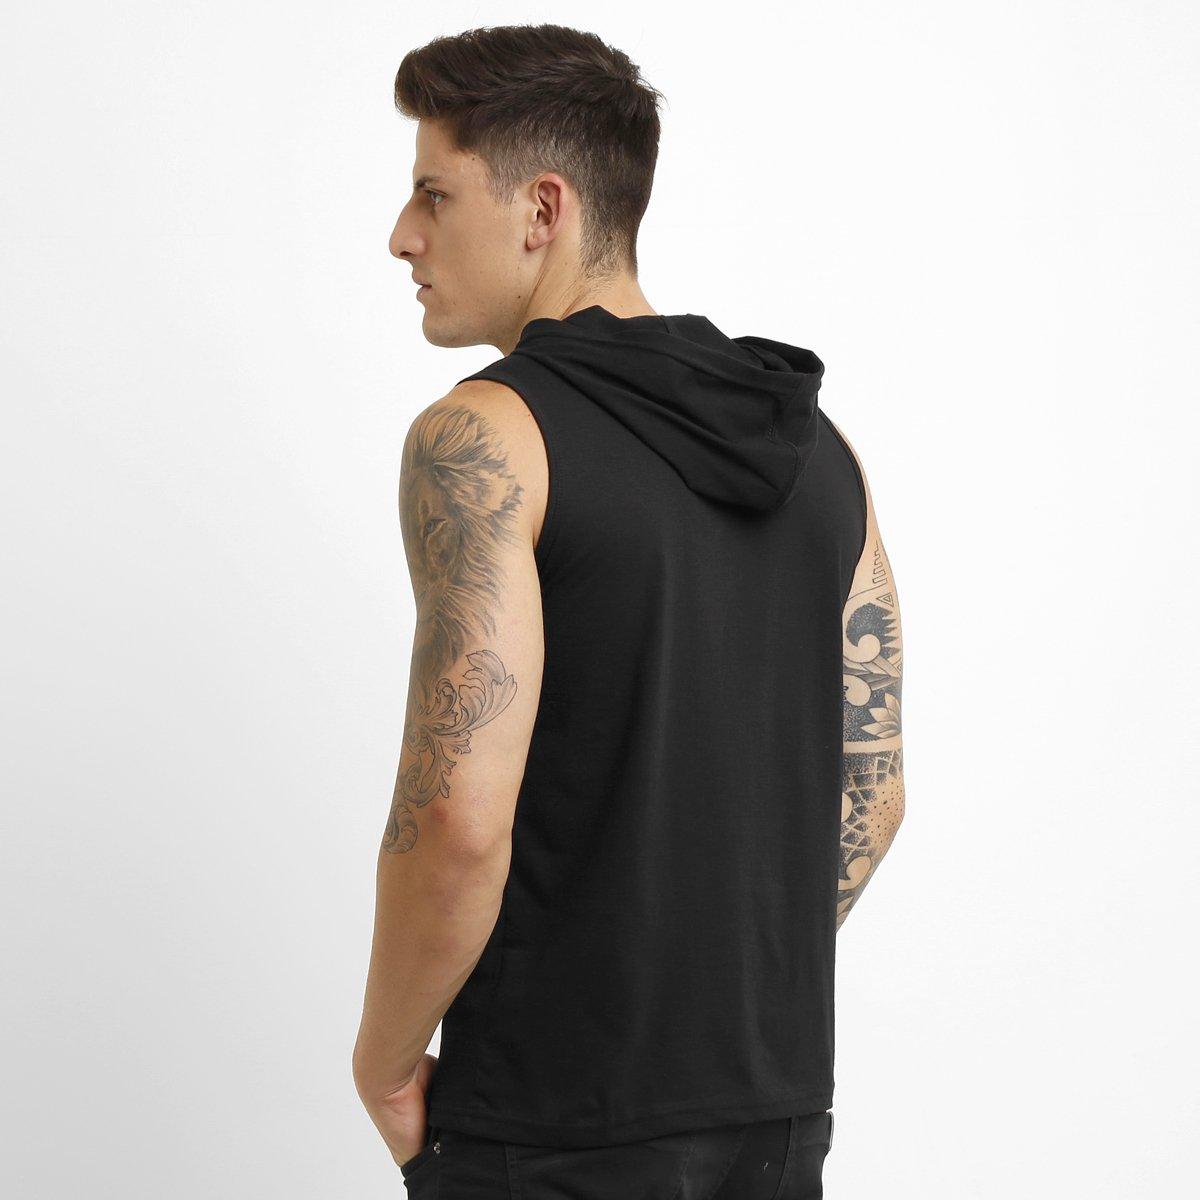 Camiseta Regata Everlast c Capuz - Compre Agora  f7243ef7617